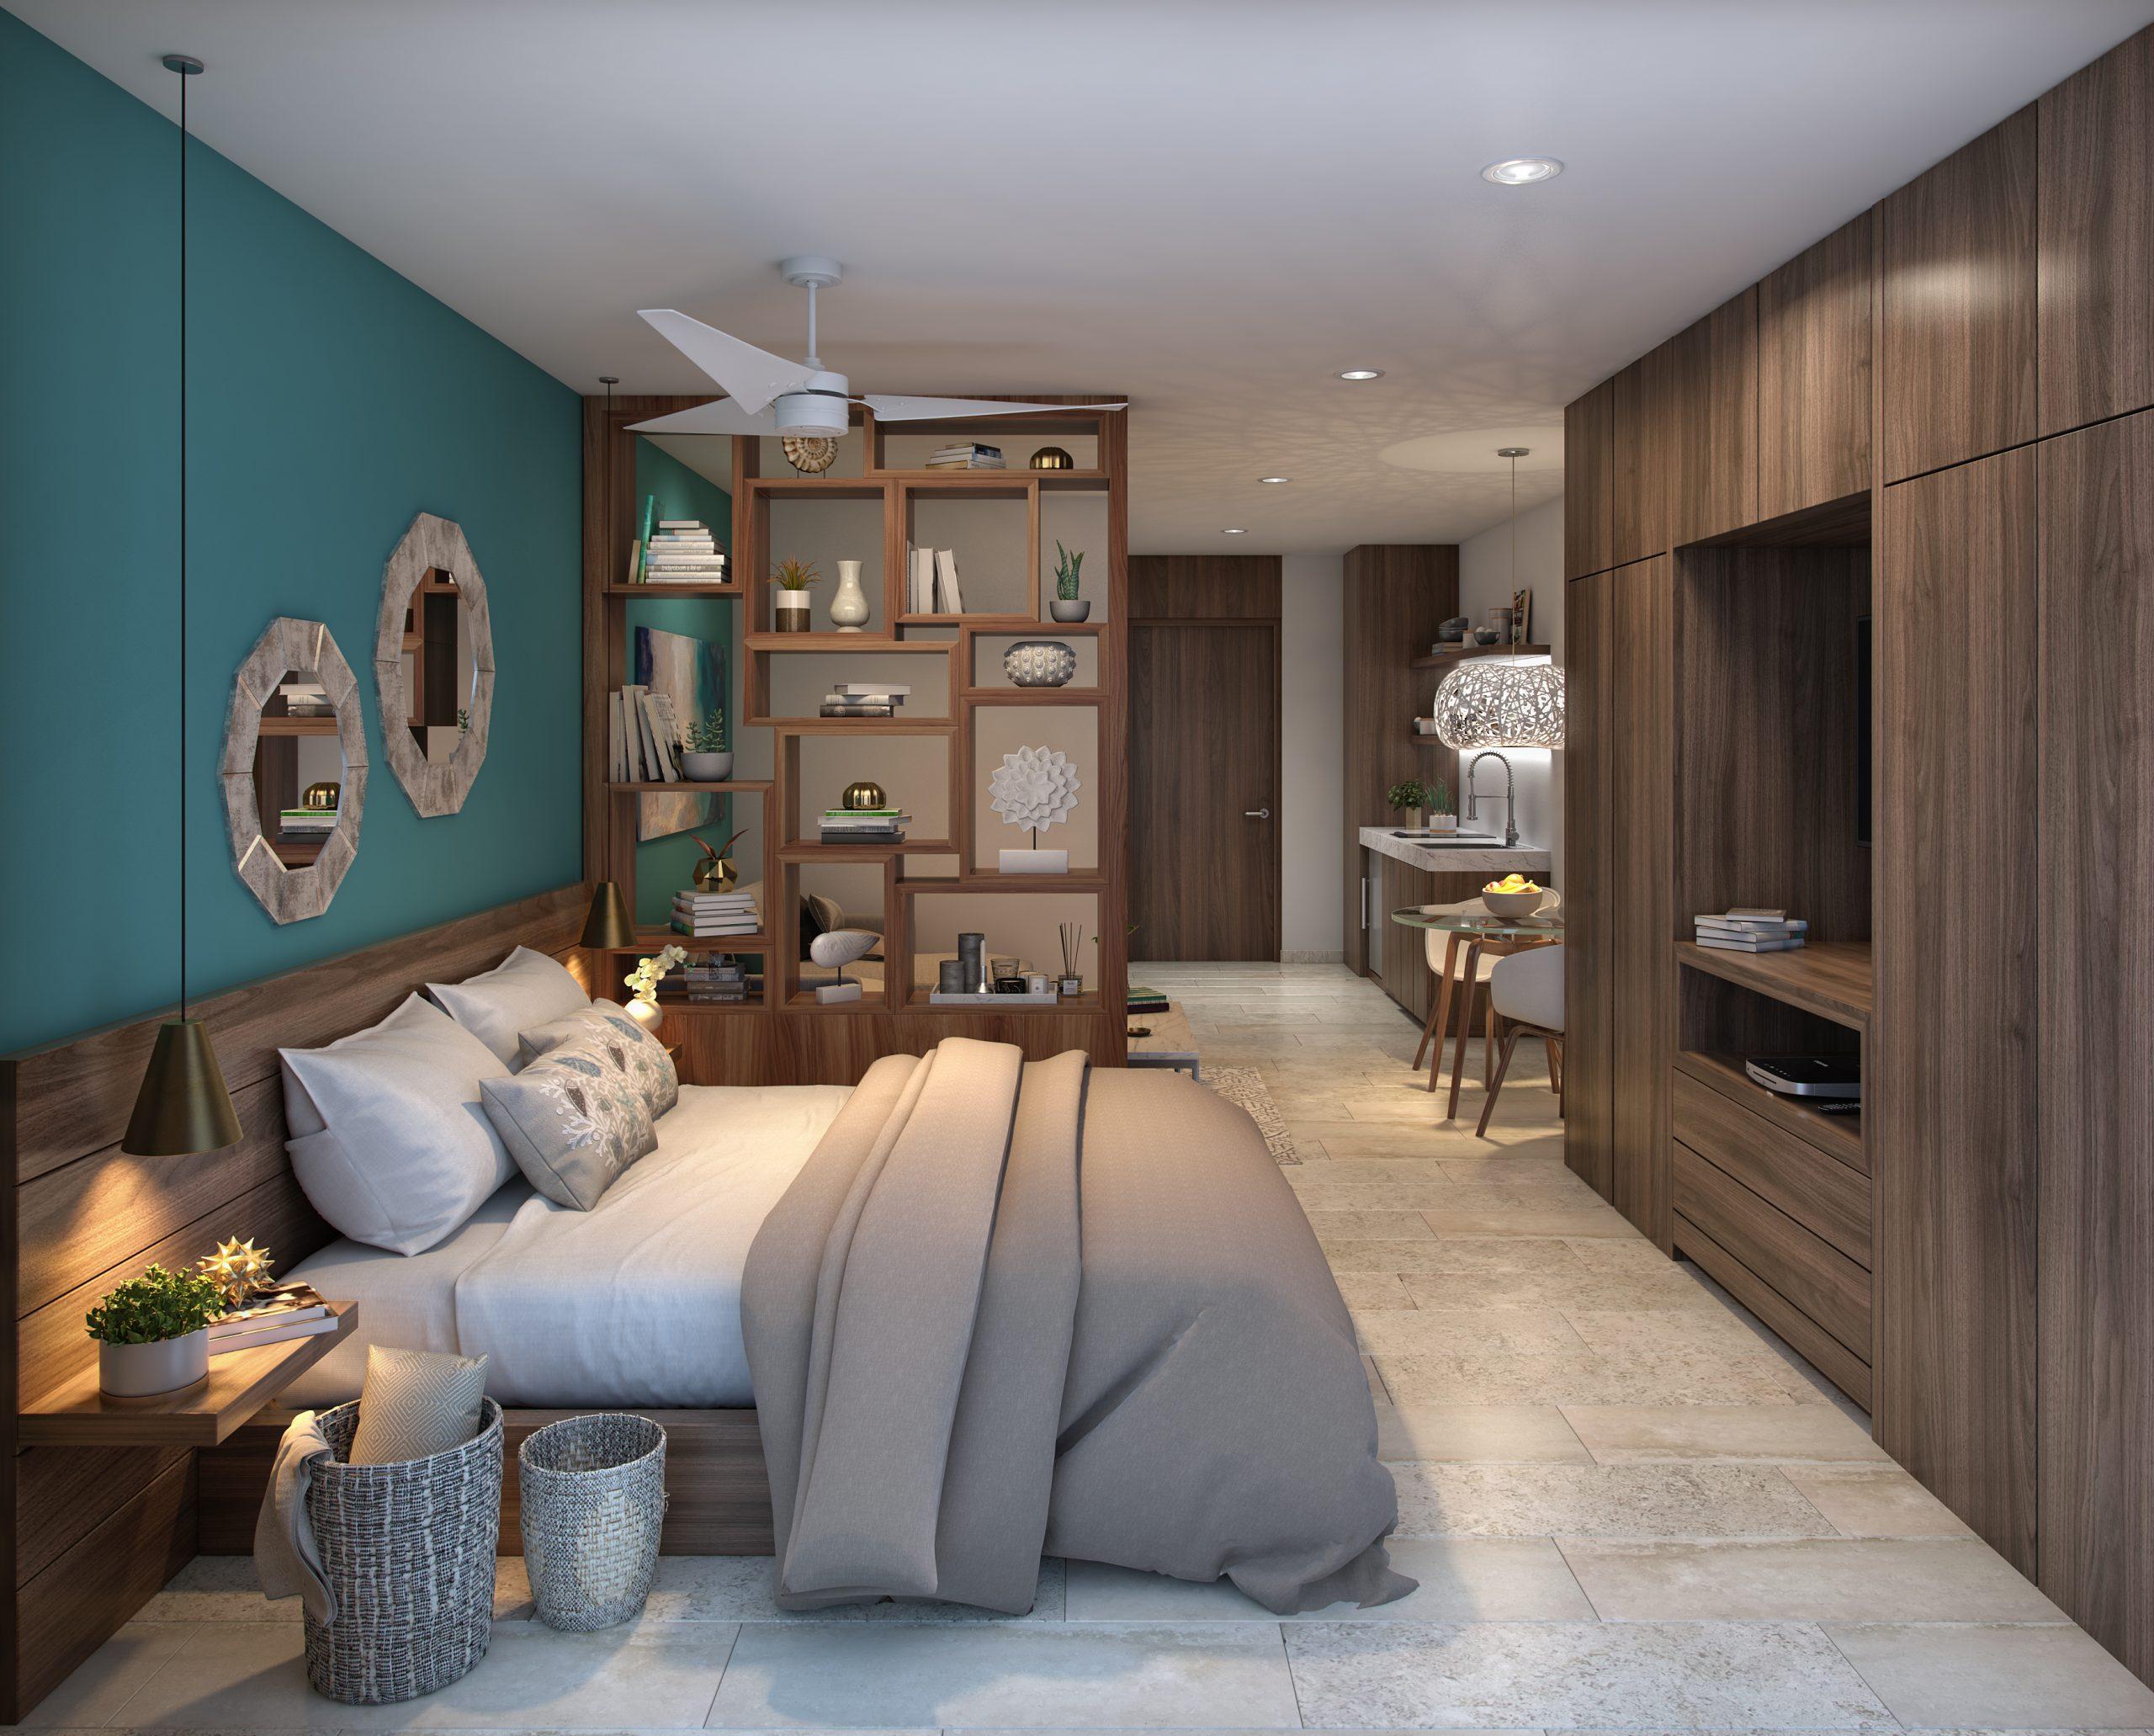 03 - DEPARTAMENTO 207 - PIEDRA AZULL - Pelicano Properties - Playa del Carmen